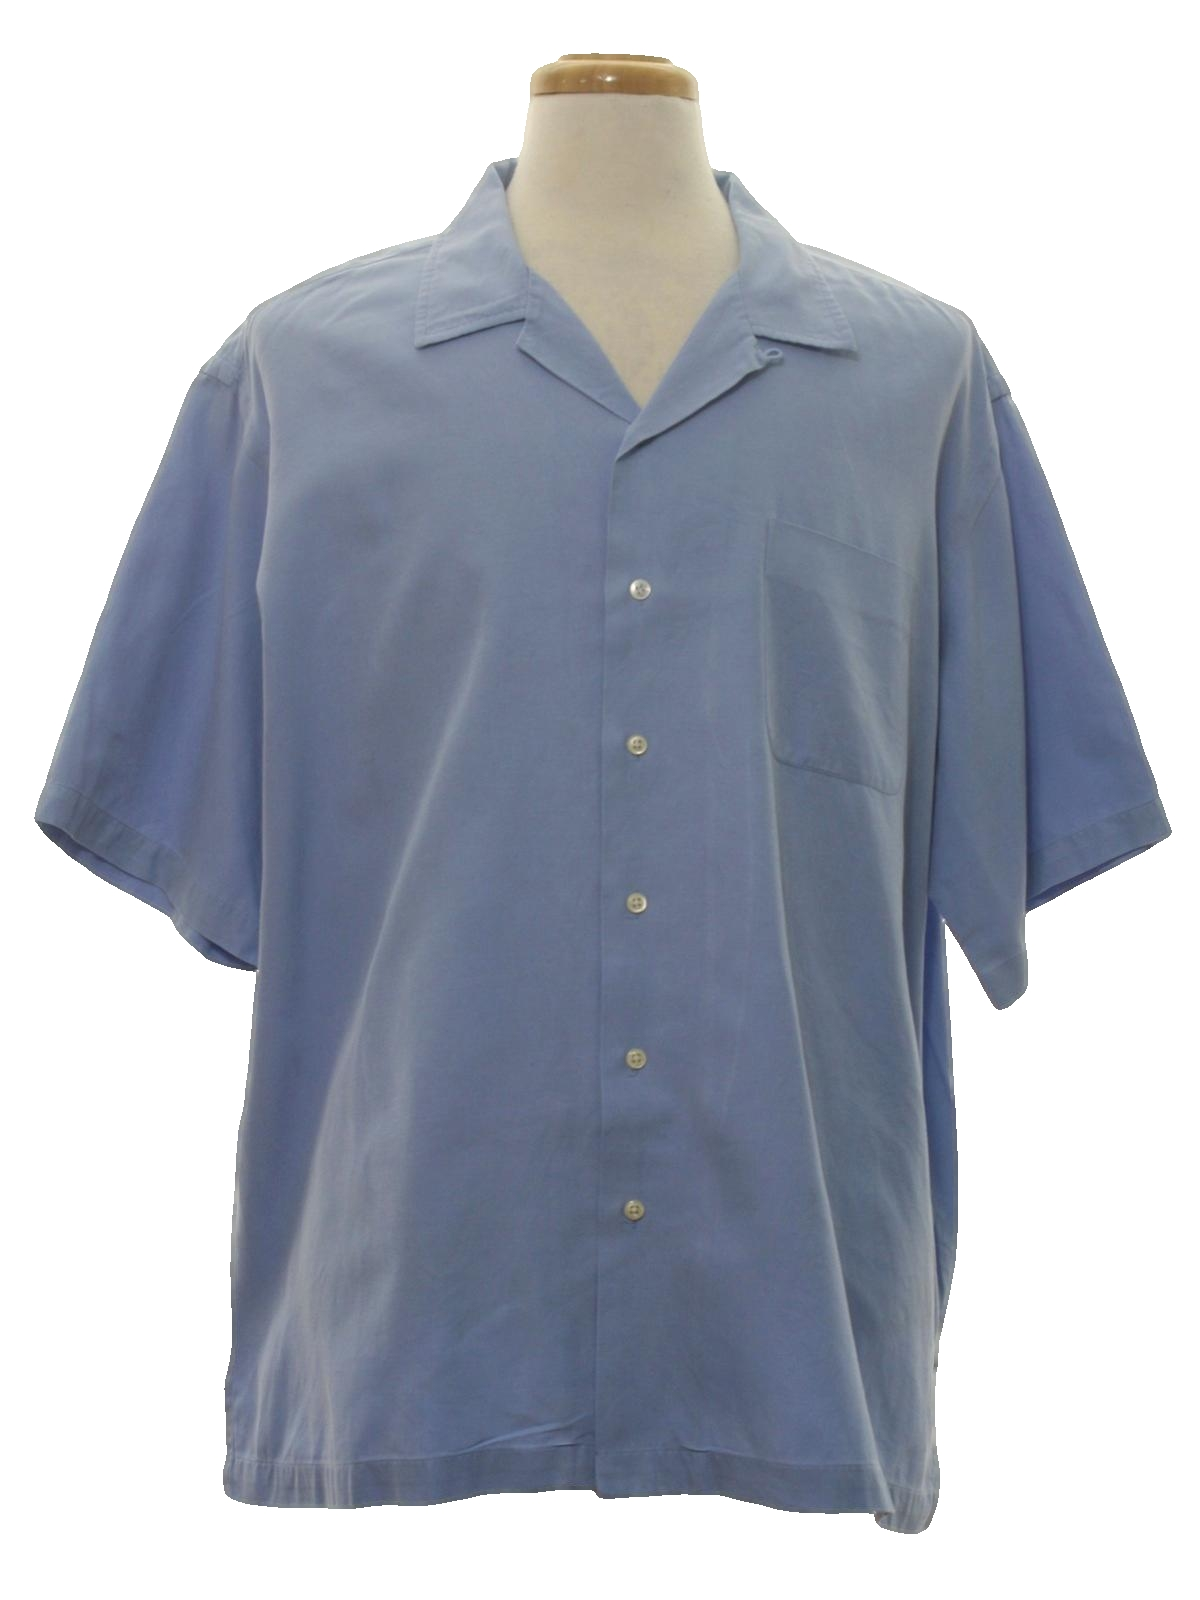 Polo ralph lauren nineties vintage gabardine shirt 50s for Mens rayon dress shirts